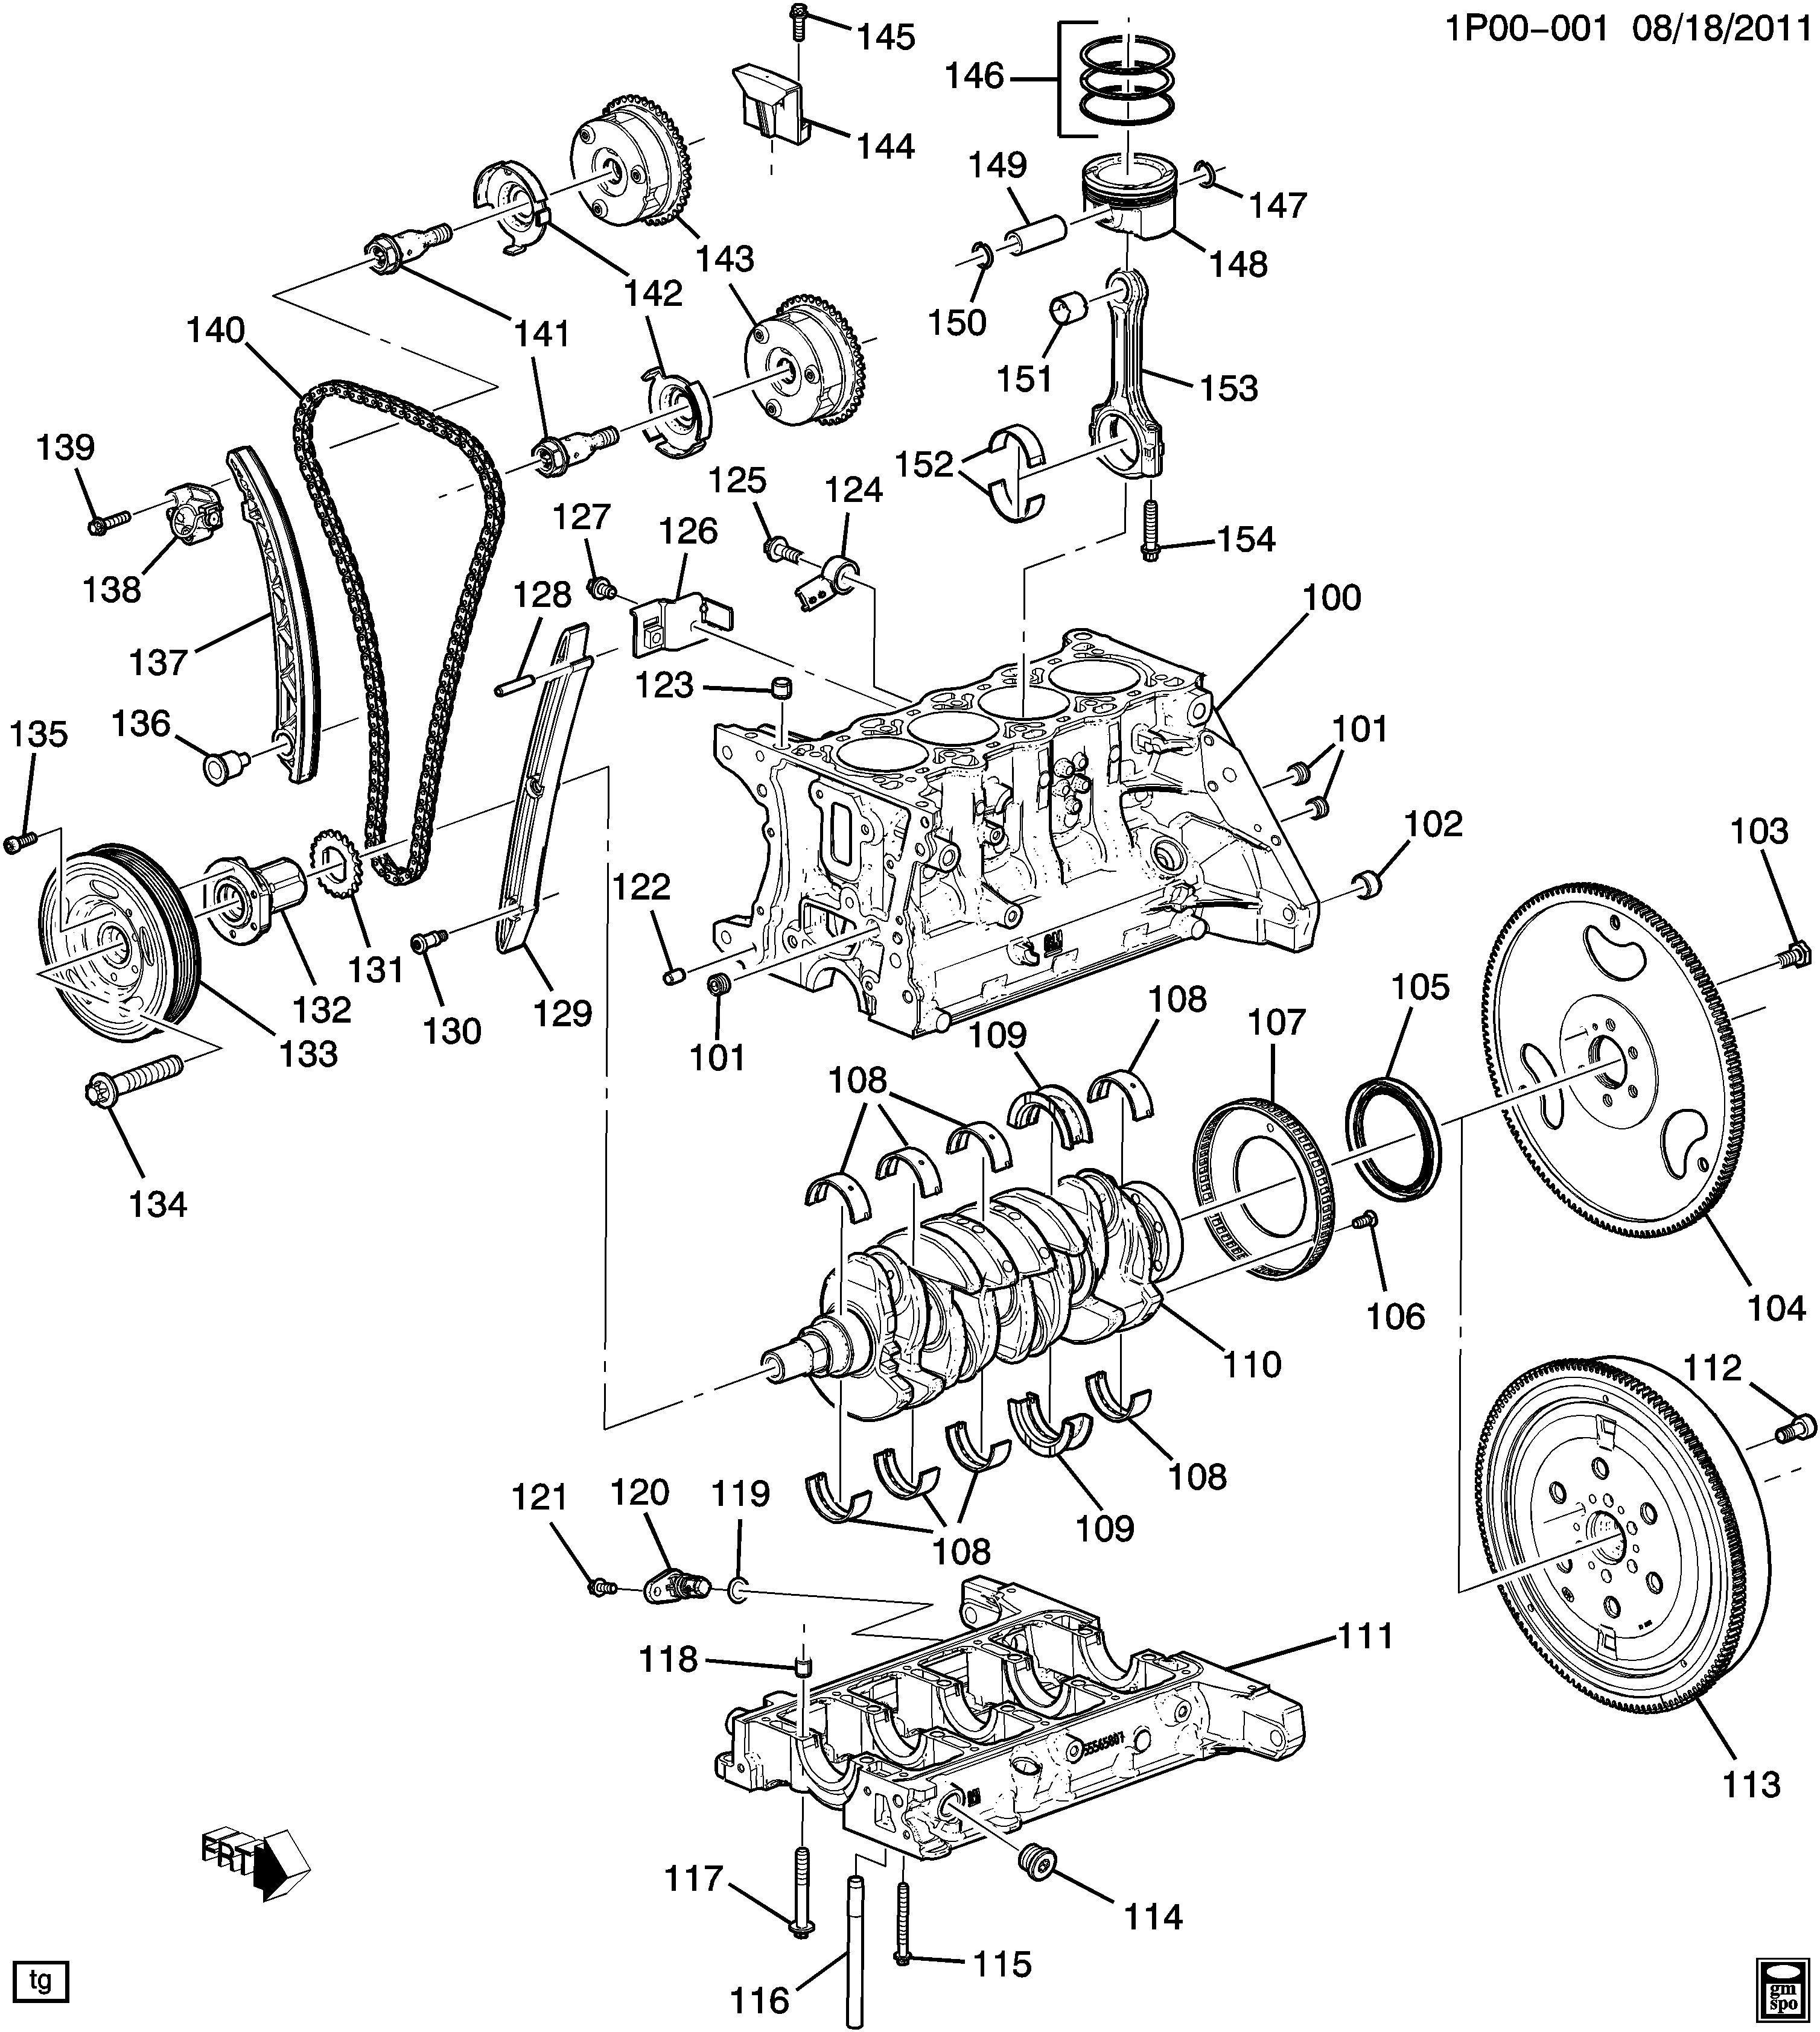 Volvo V70 Wiring Diagram